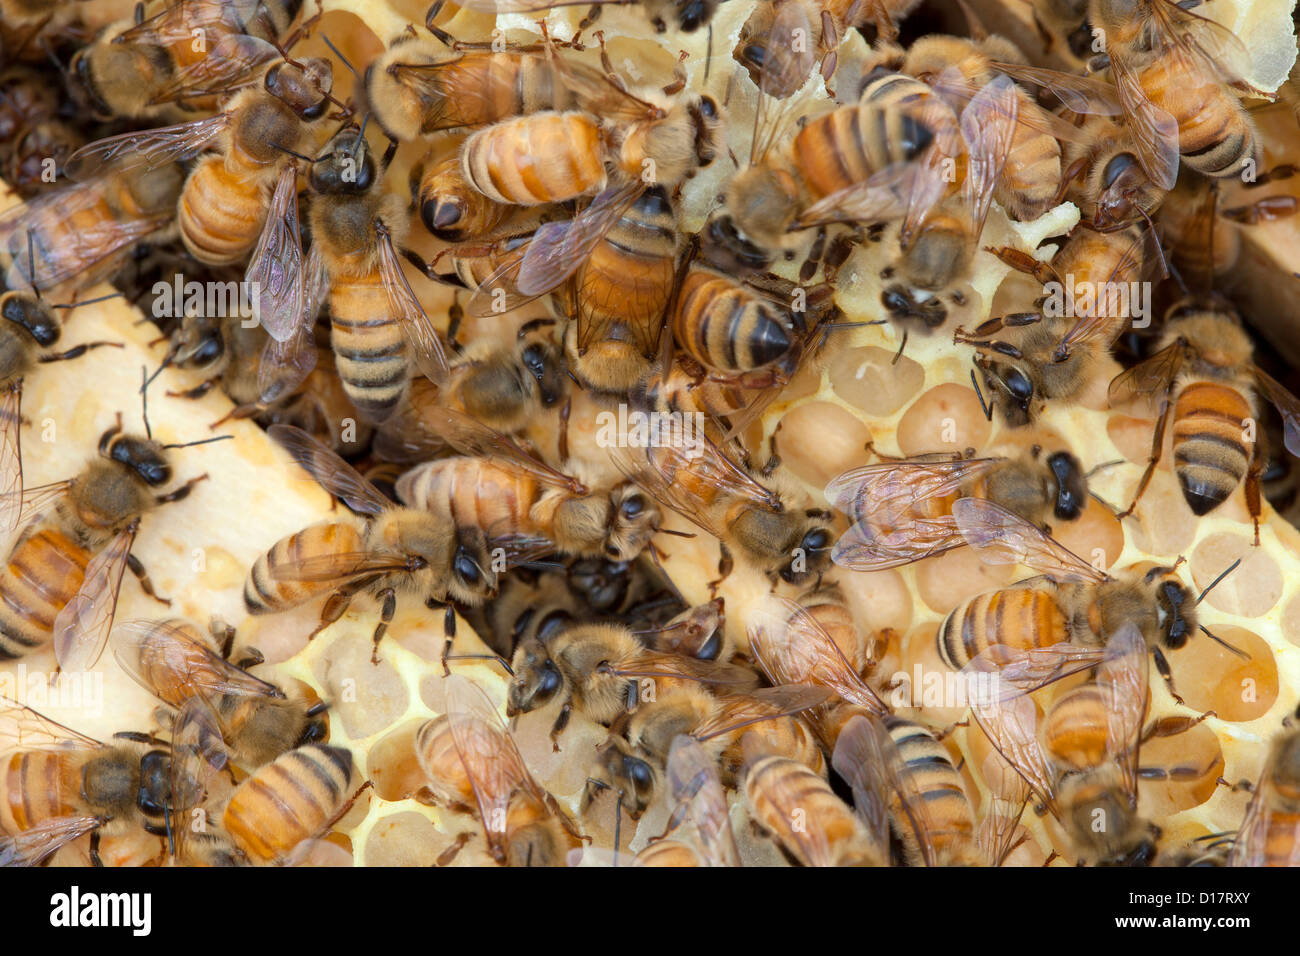 Ein Bienenvolk in einem Bienenstock. Stockbild